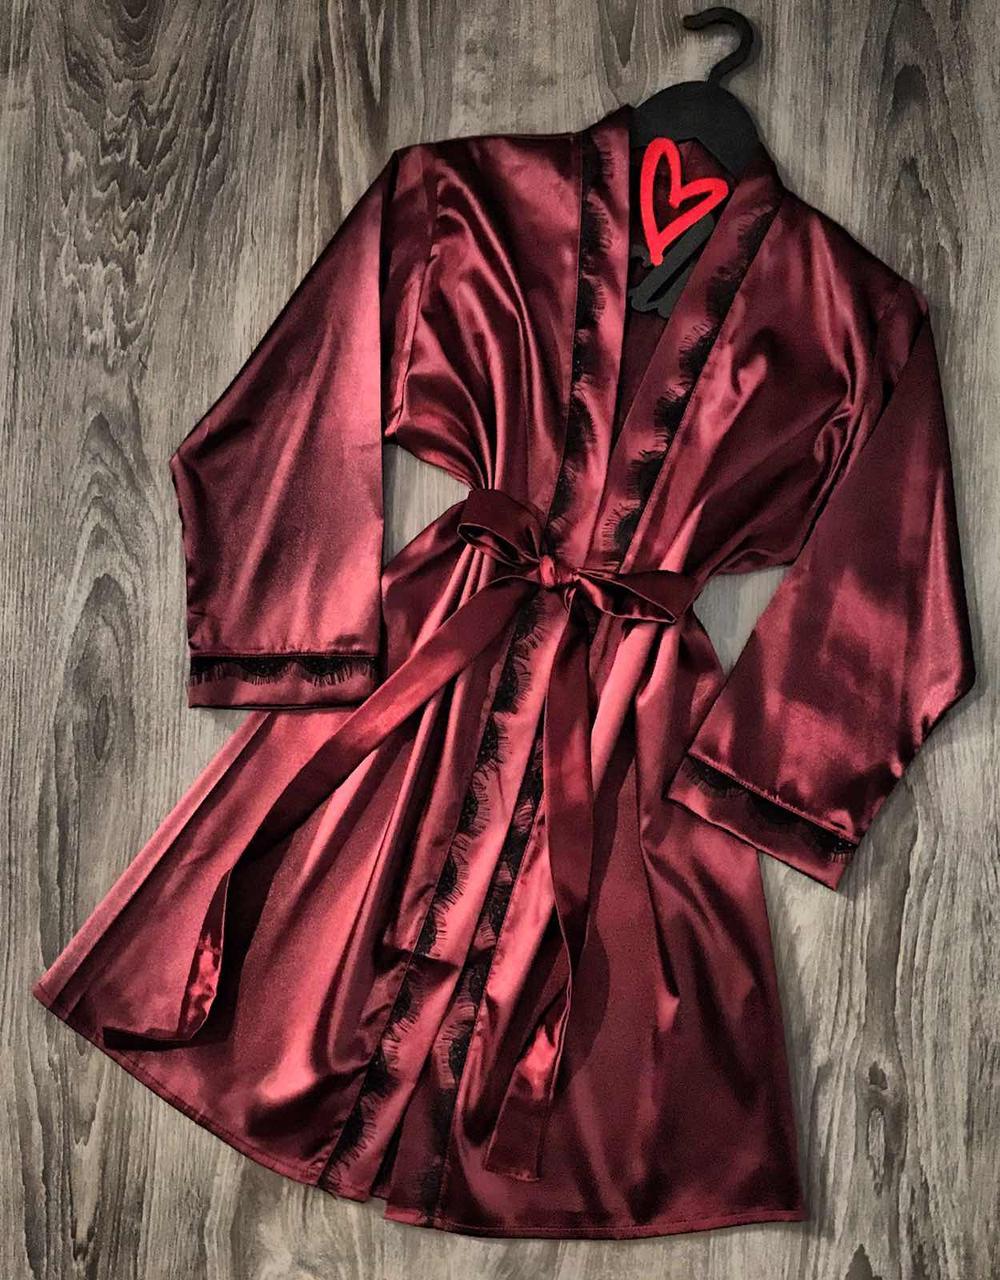 Вишневый шелковый халат с кружевом 090, домашняя одежда.